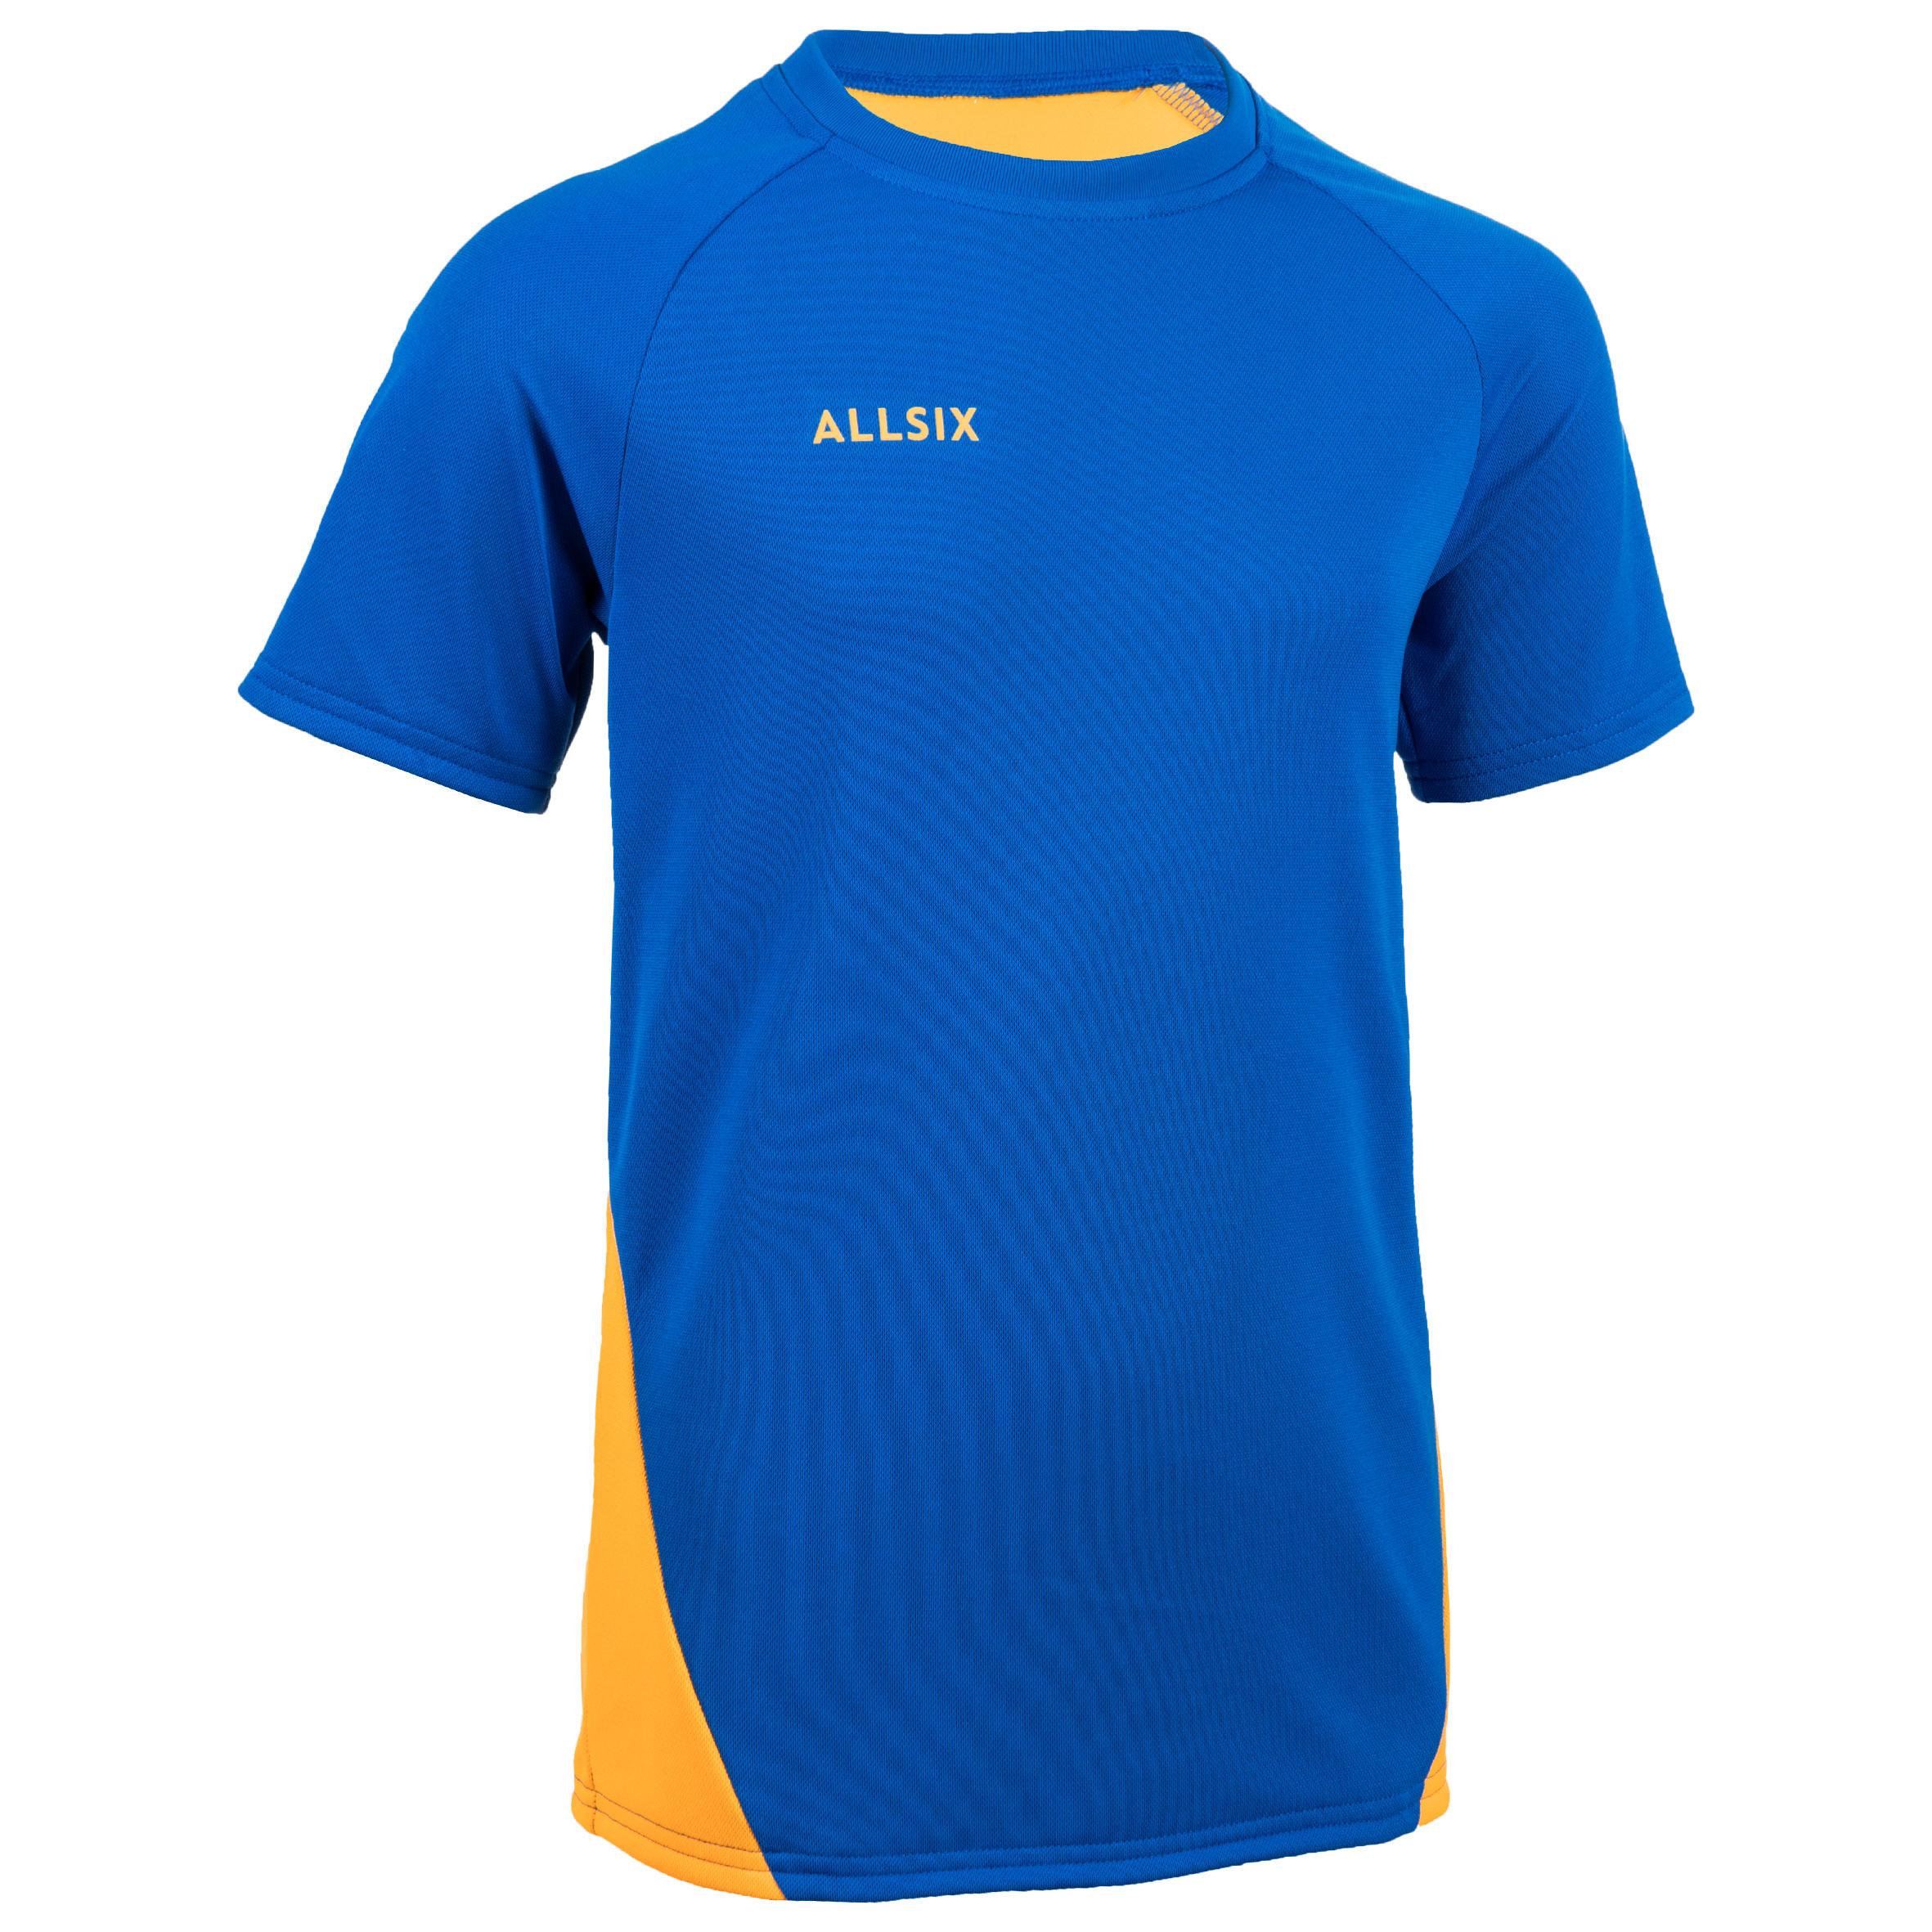 Jungen,  Kinder,  Kinder Allsix Volleyballtrikot V100 Kinder blau/gelb   03583788175001